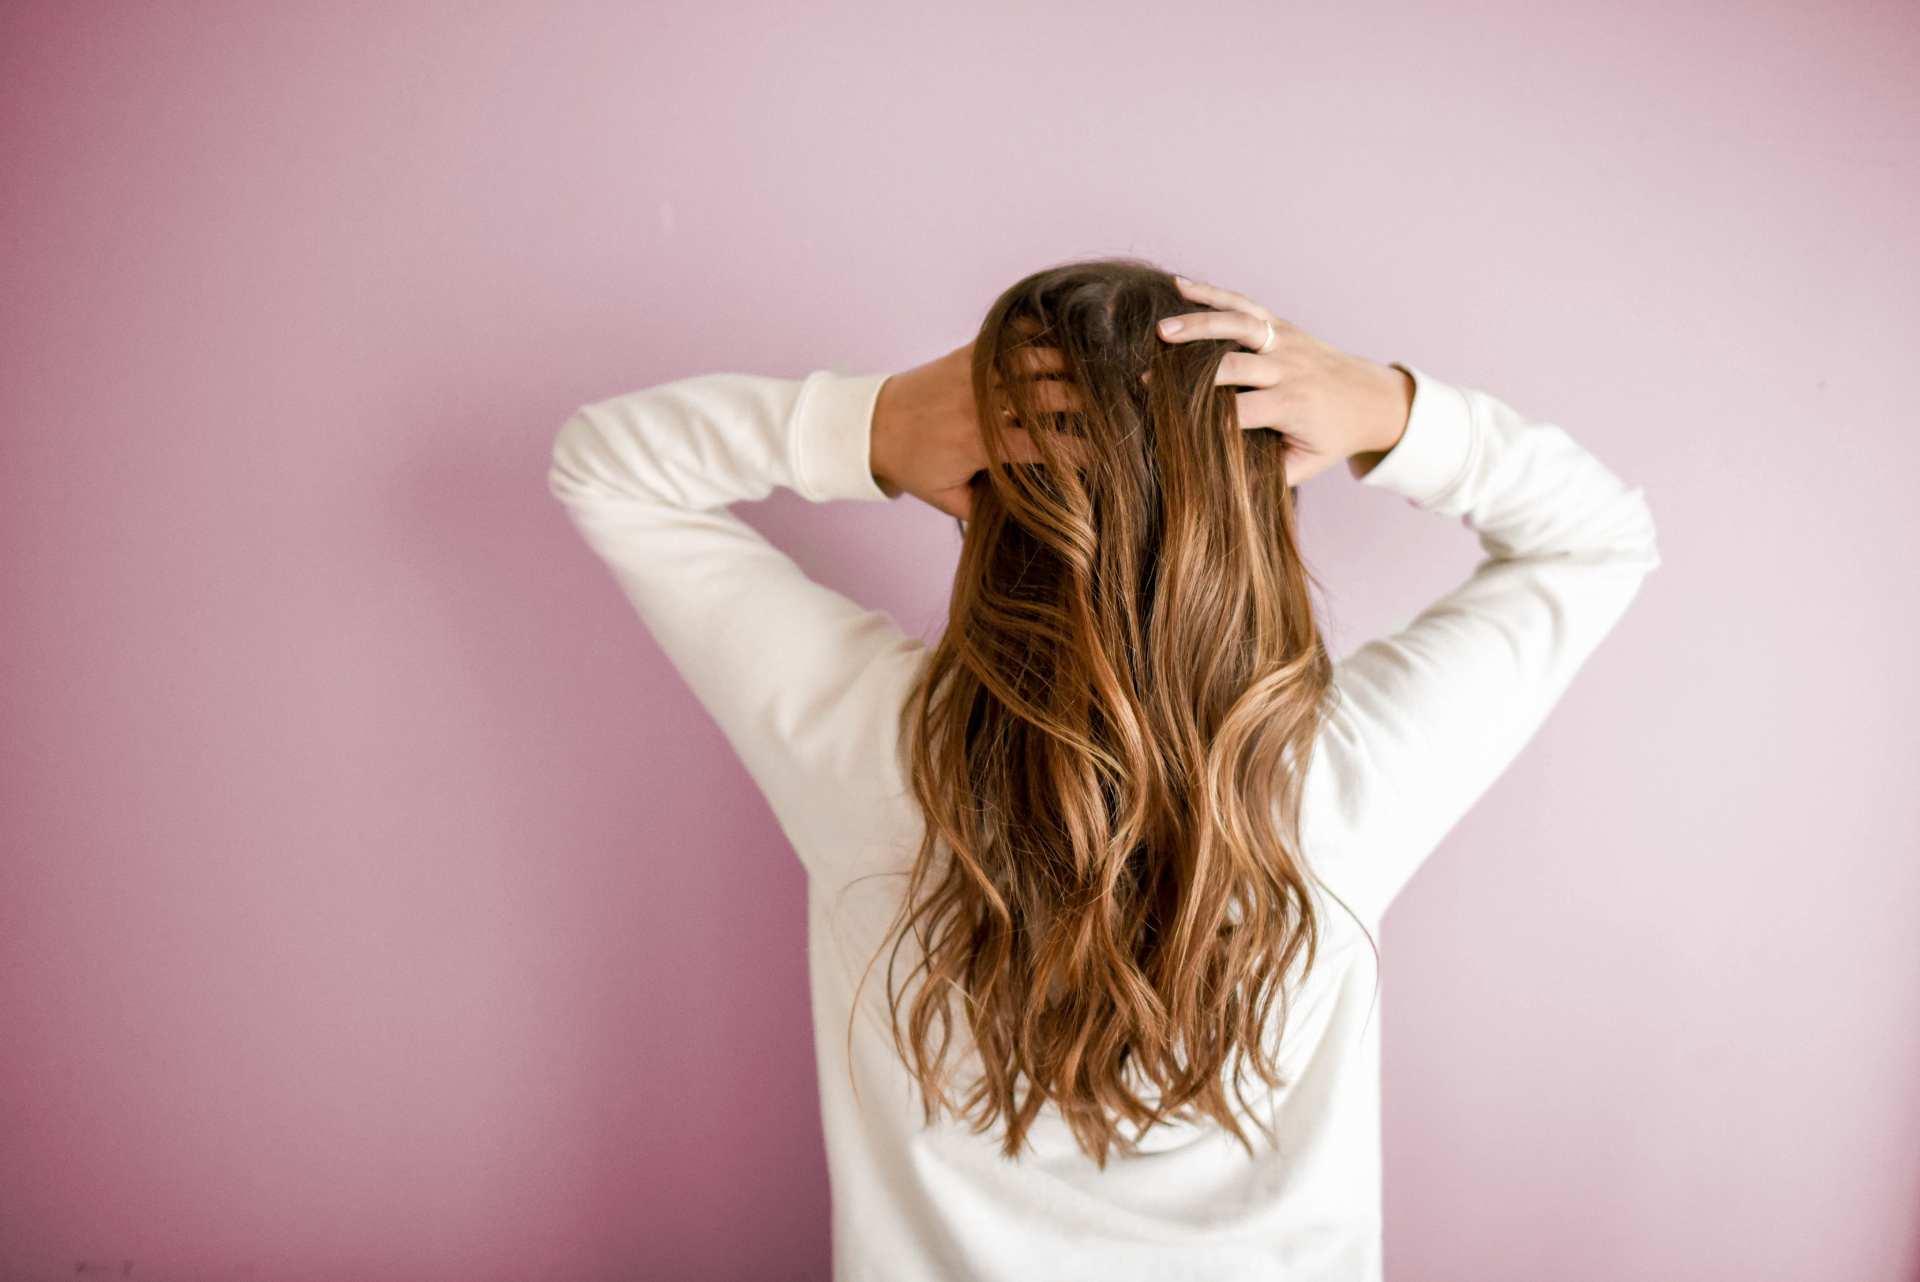 kobieta obrócona tyłem z dłońmi we włosach